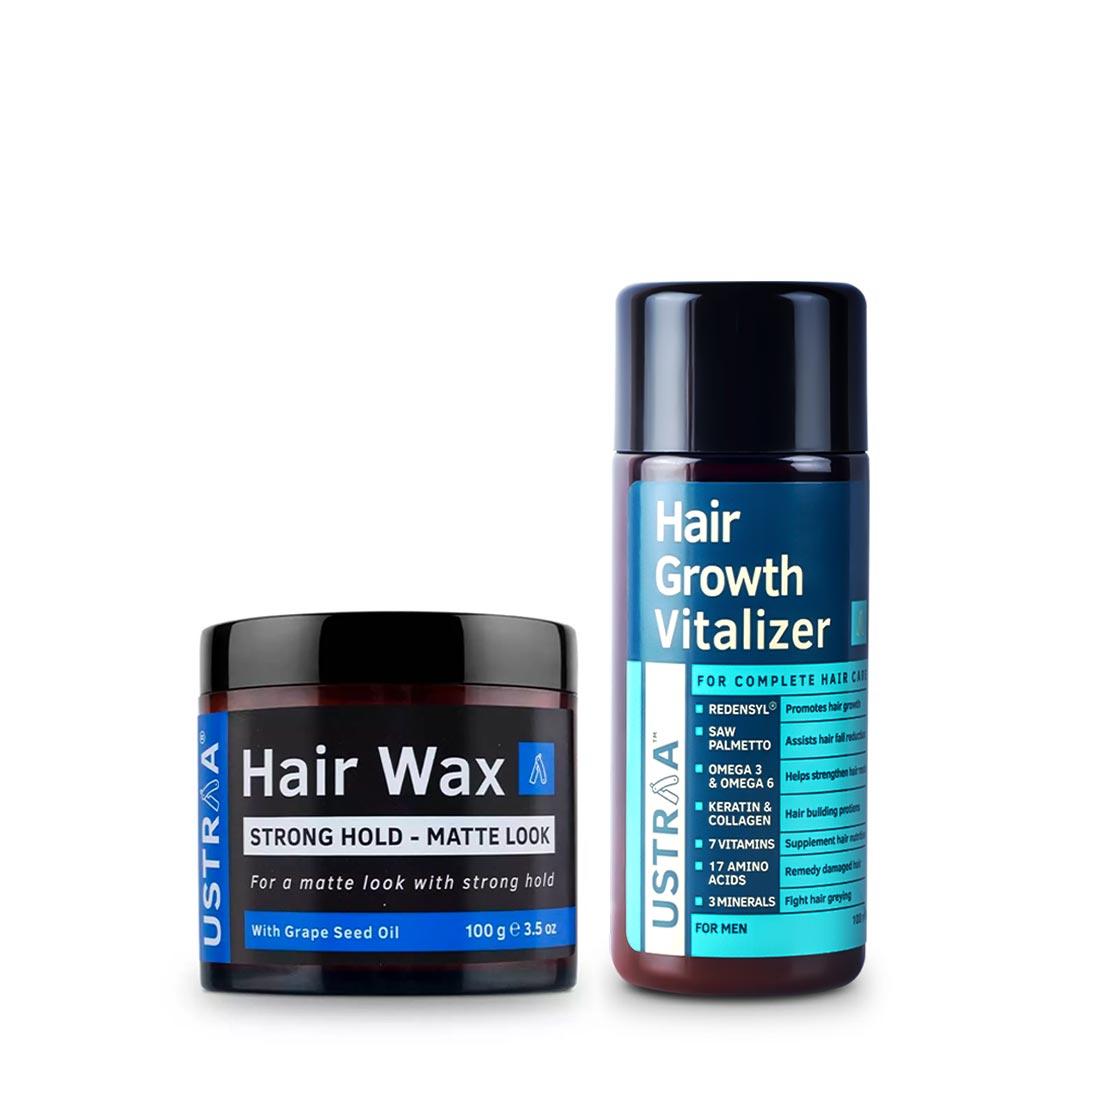 Ustraa | Ustraa Hair Growth Vitalizer 100 ml and Hair Wax Matt Look 100 g